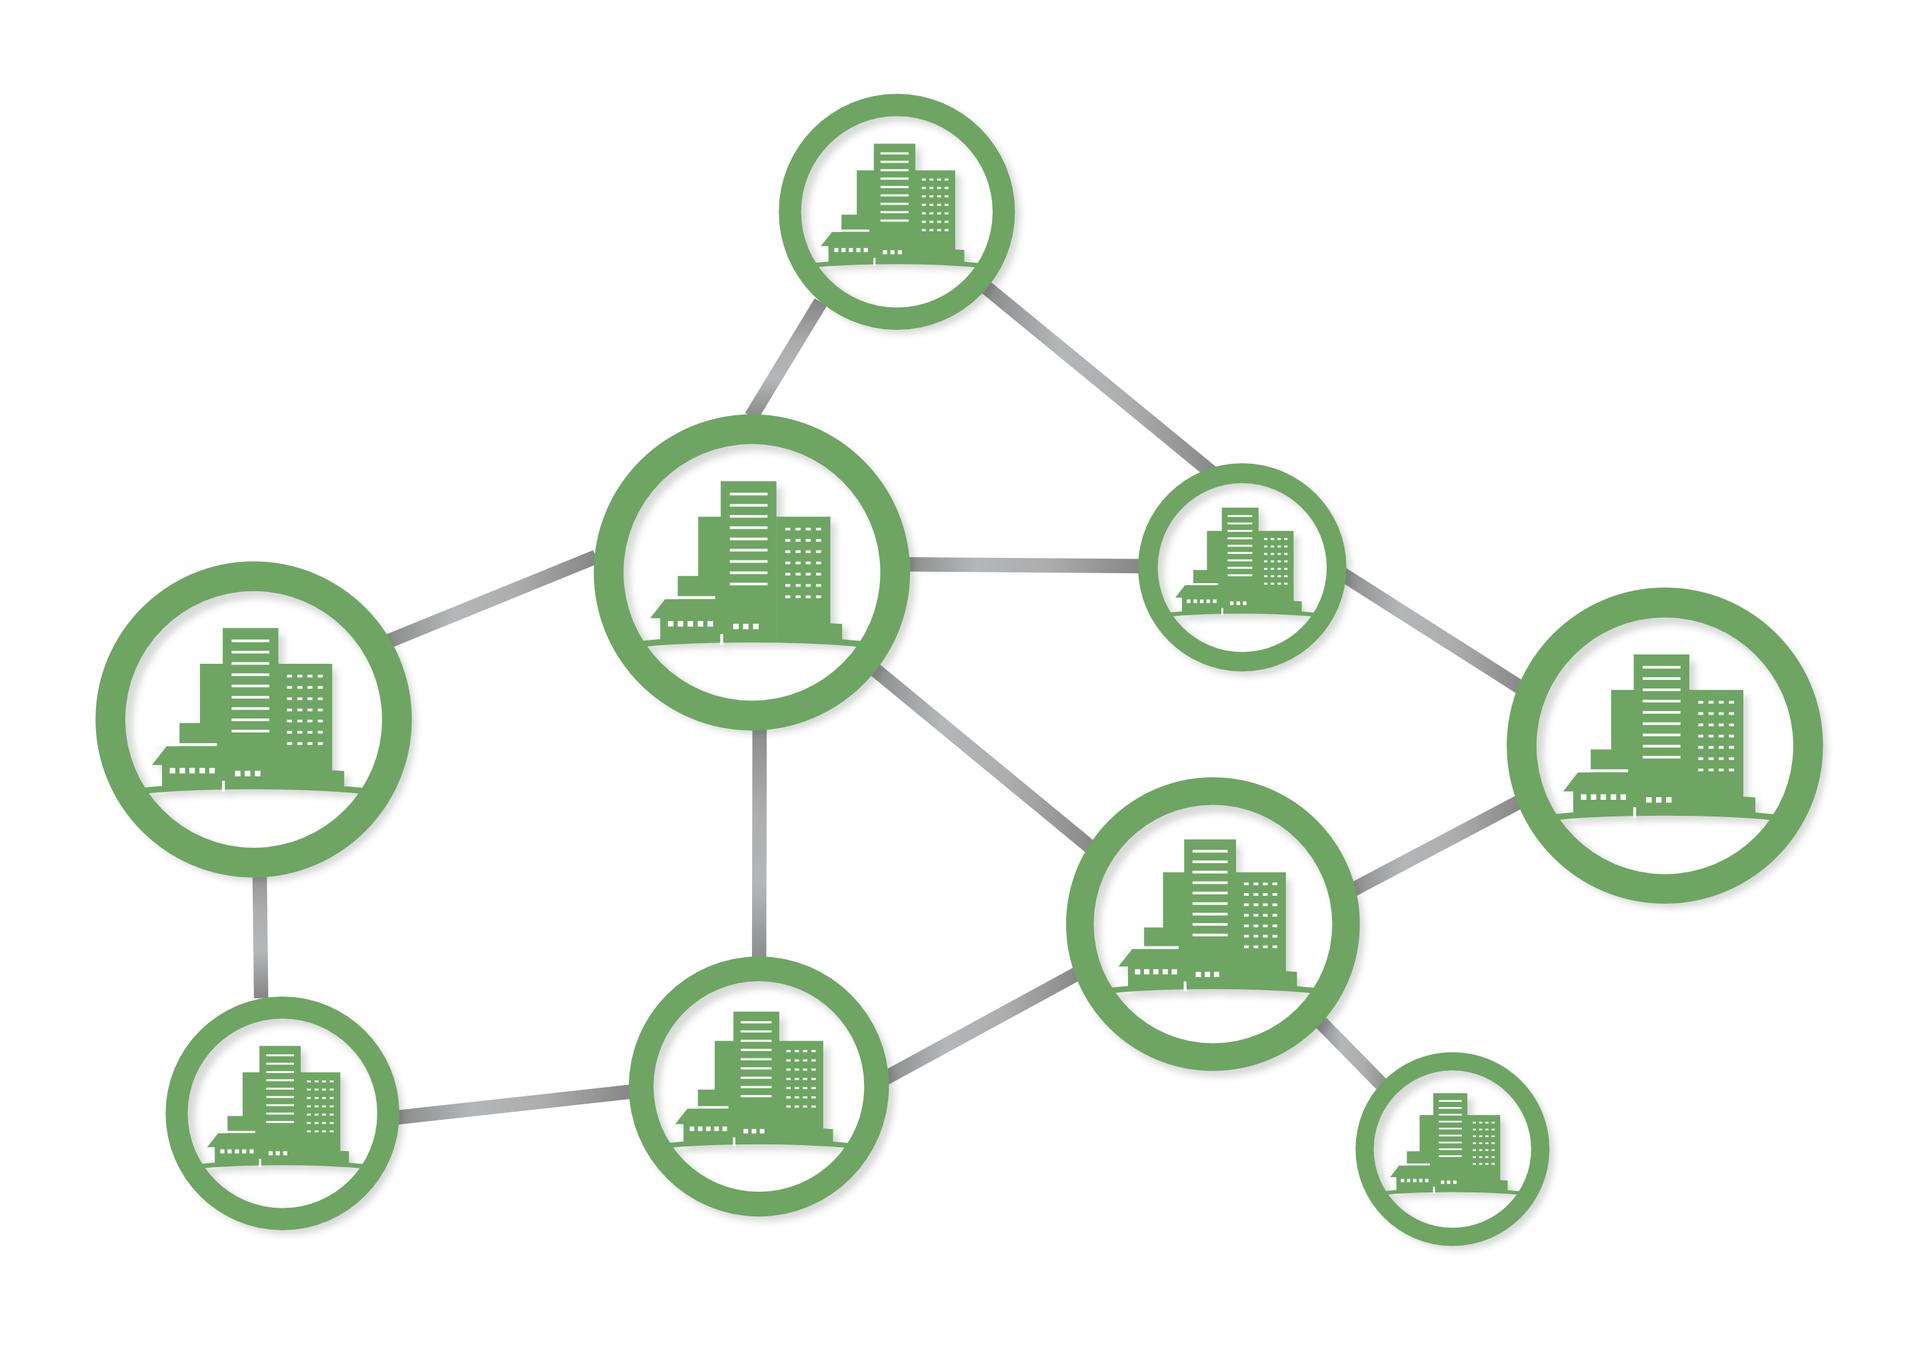 Na ilustracji schemat aglomeracji. Kilka piktogramów oznaczających miasta połączonych jest liniami. Wszystkie piktogramy są zbliżonej wielkości. Połączone są prawie każdy zkażdym.